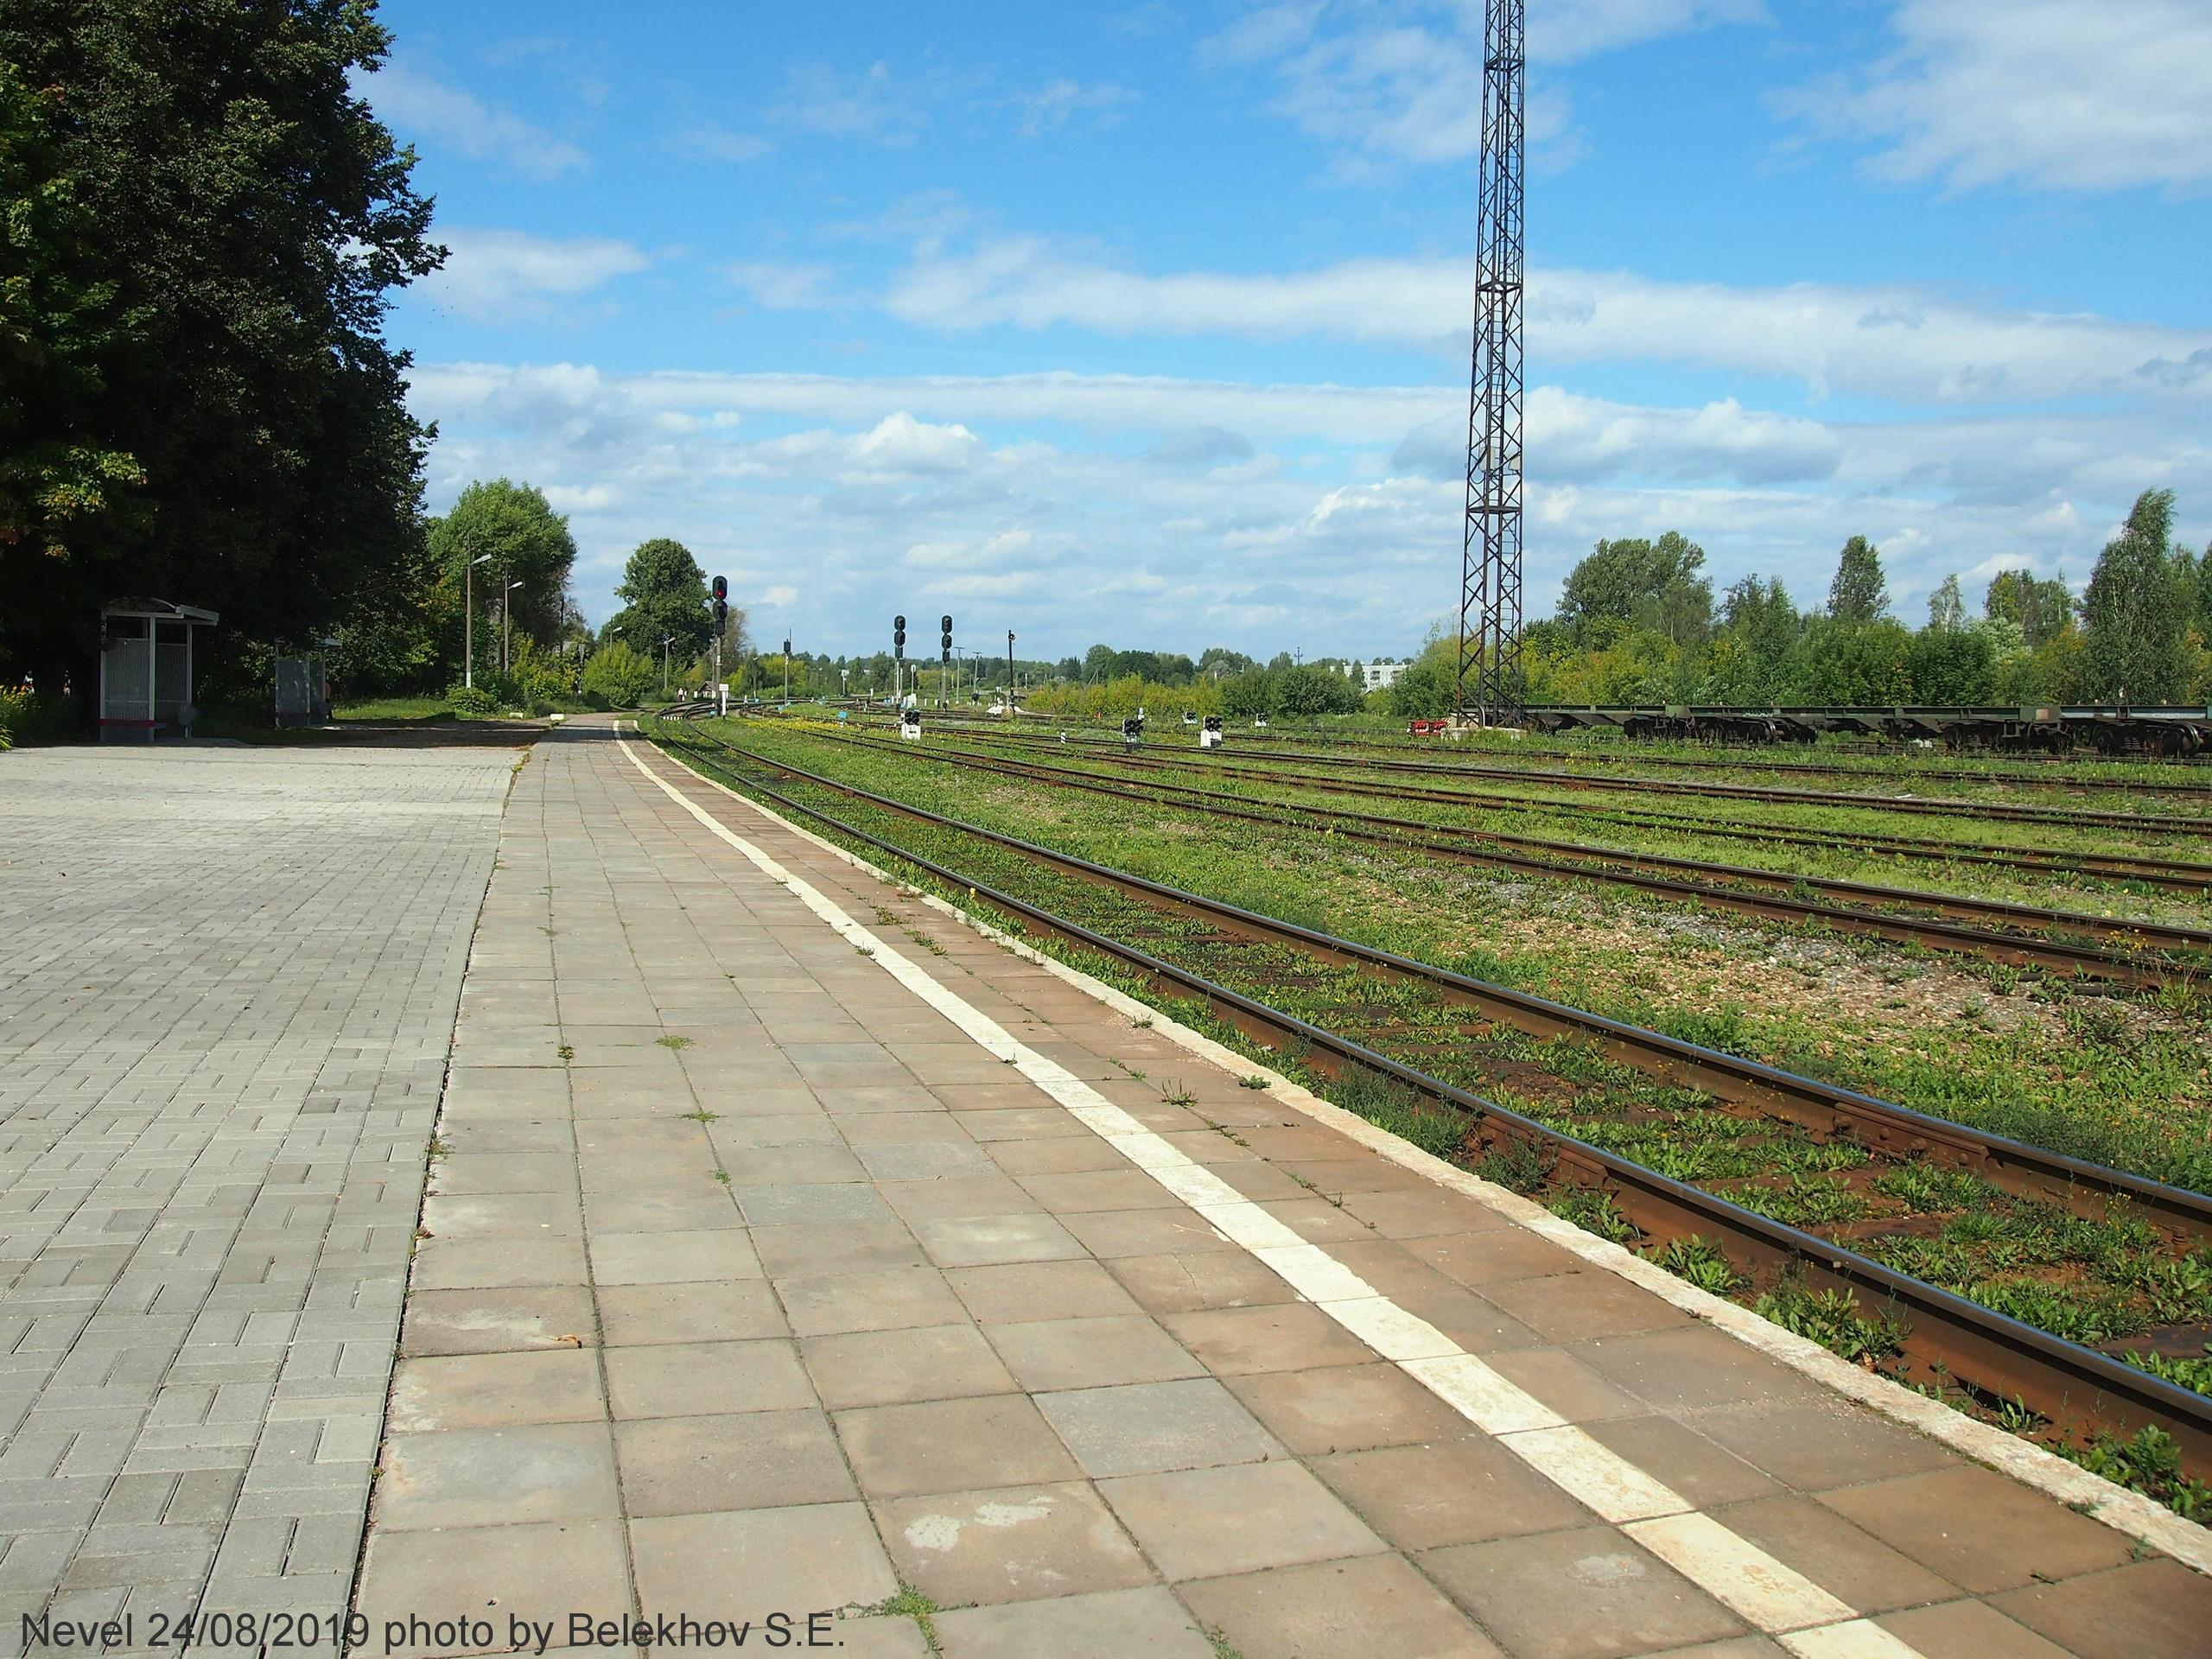 Невель, железная дорога